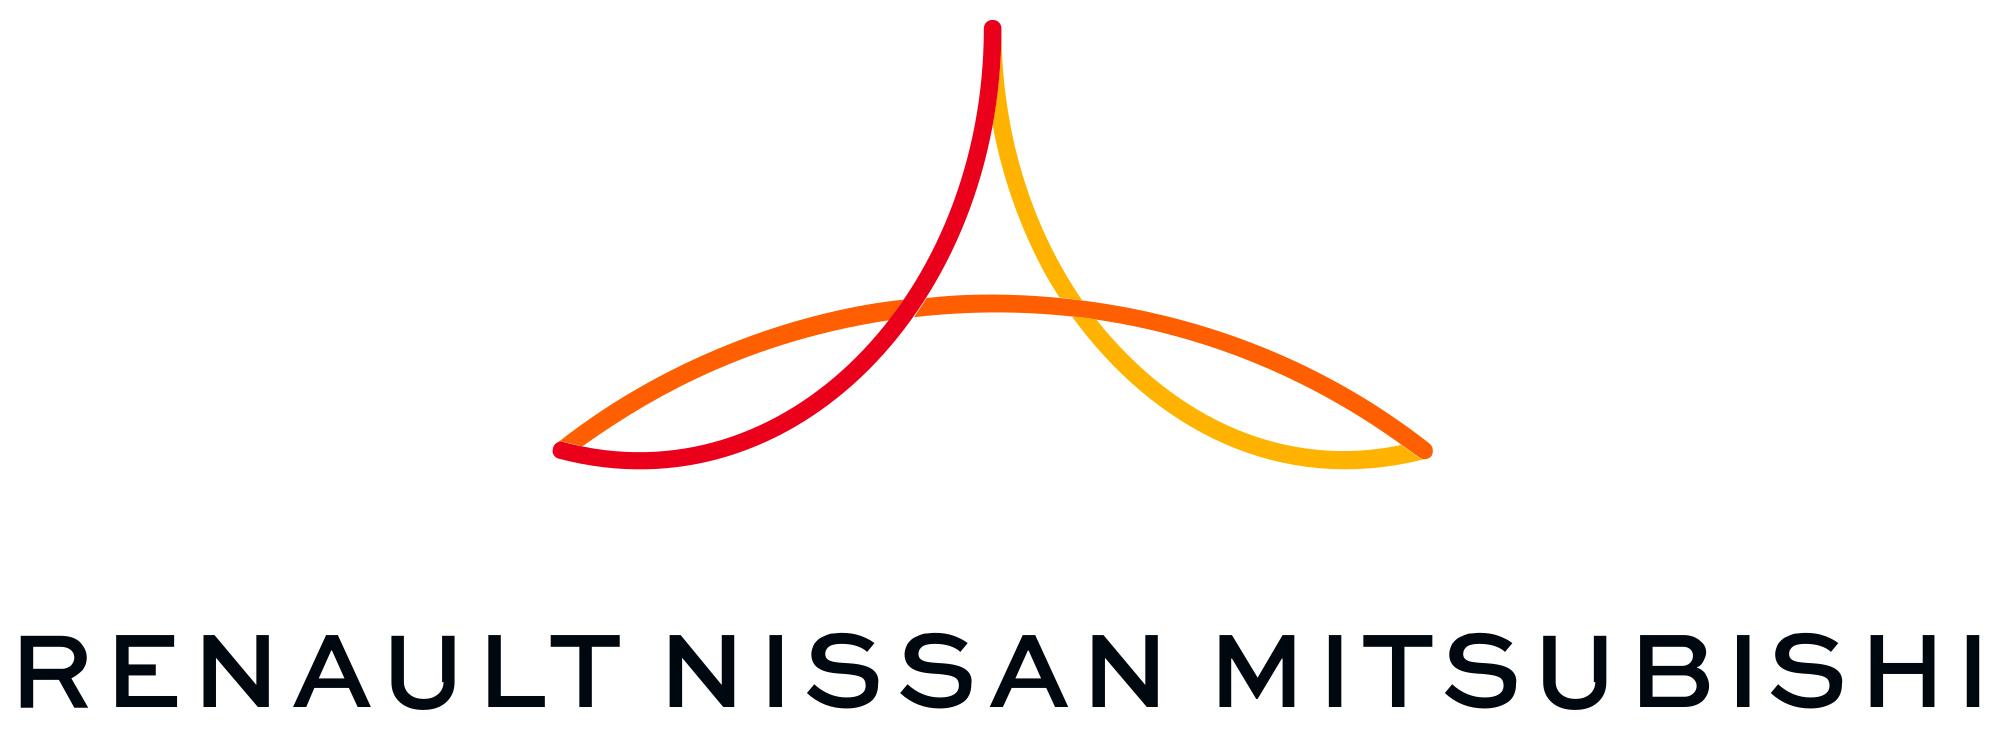 雷諾-日產-三菱汽車聯盟(Renault-Nissan-Mitsubishi)旗下的聯盟風險 ...